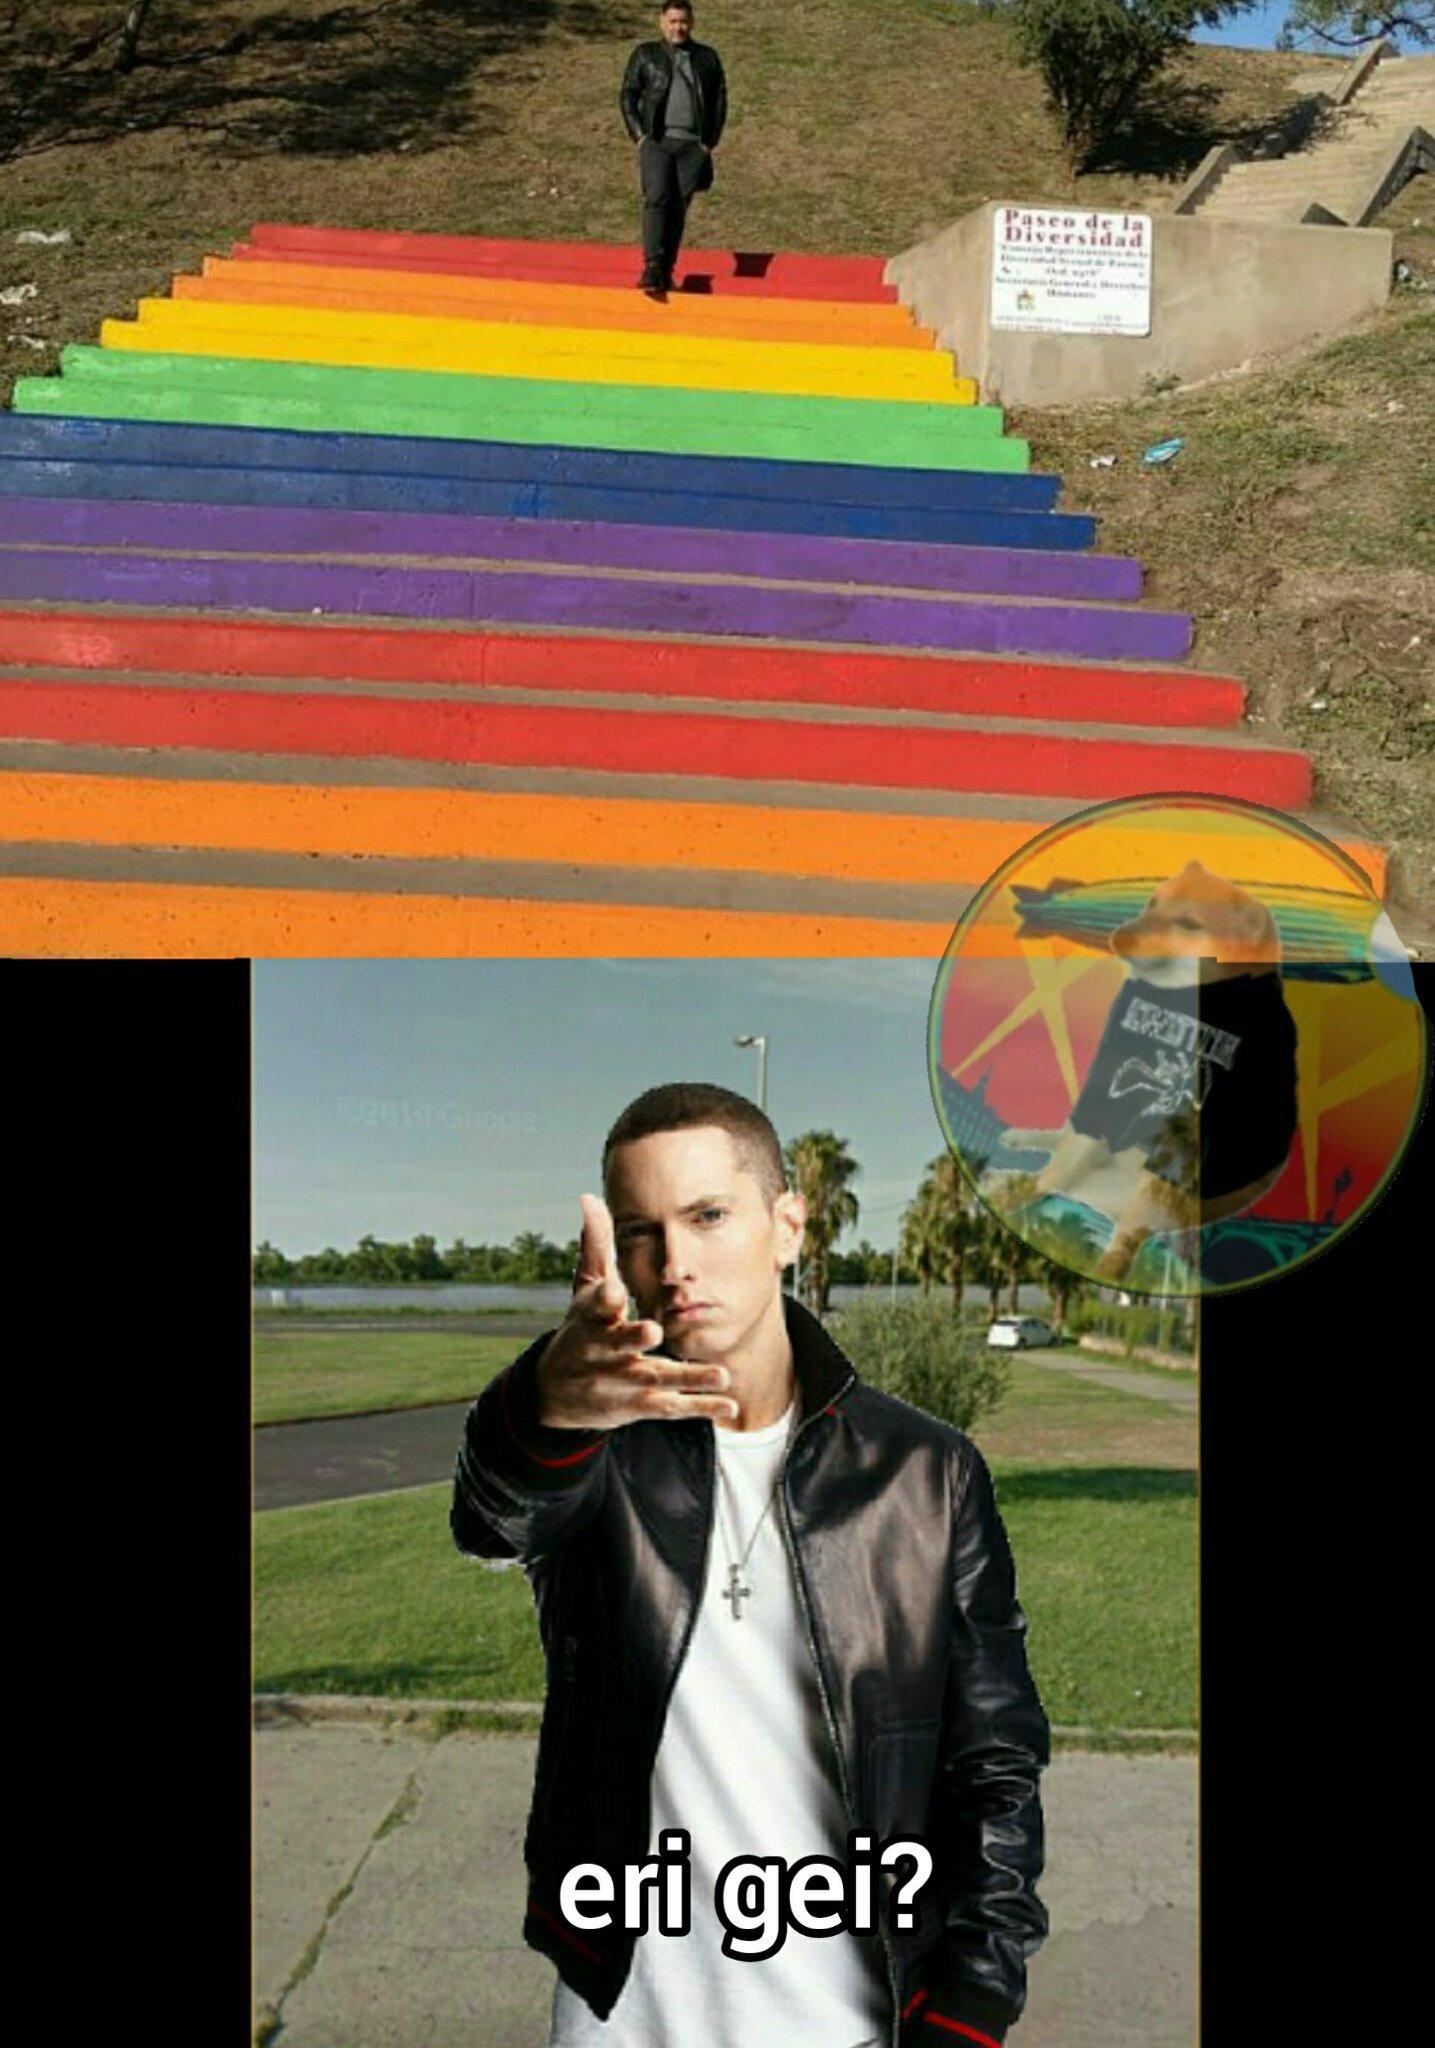 El que baja por las escaleras es gay - meme